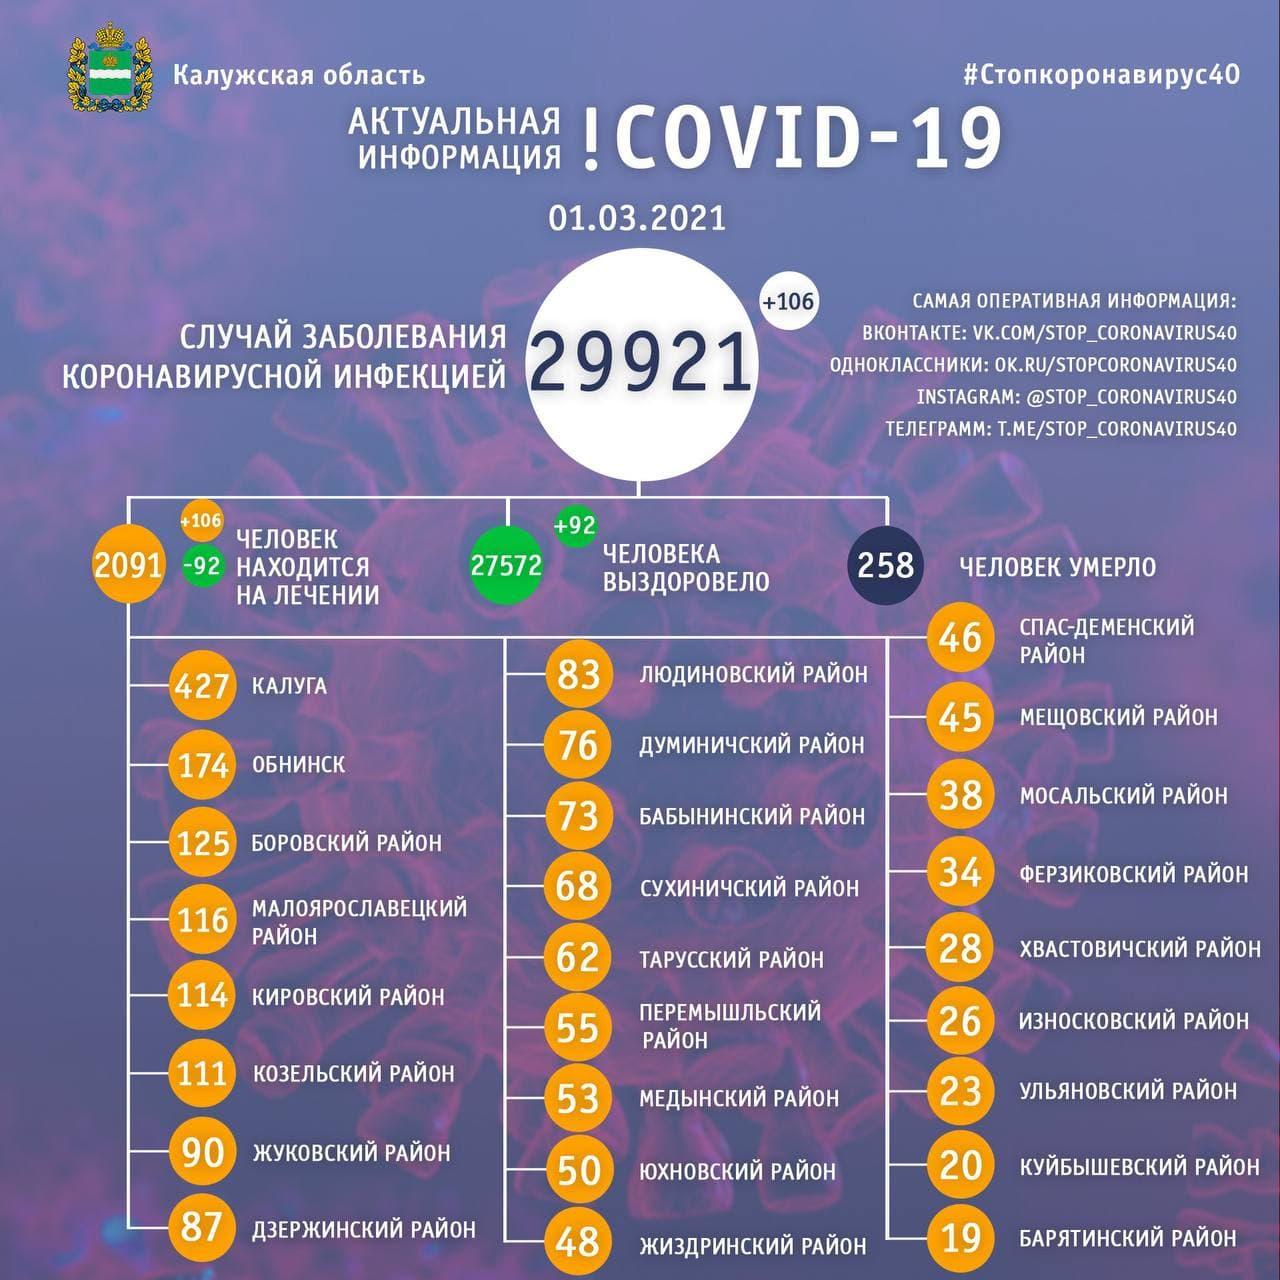 Официальная статистика по коронавирусу в Калужской области 1 марта 2021 года.